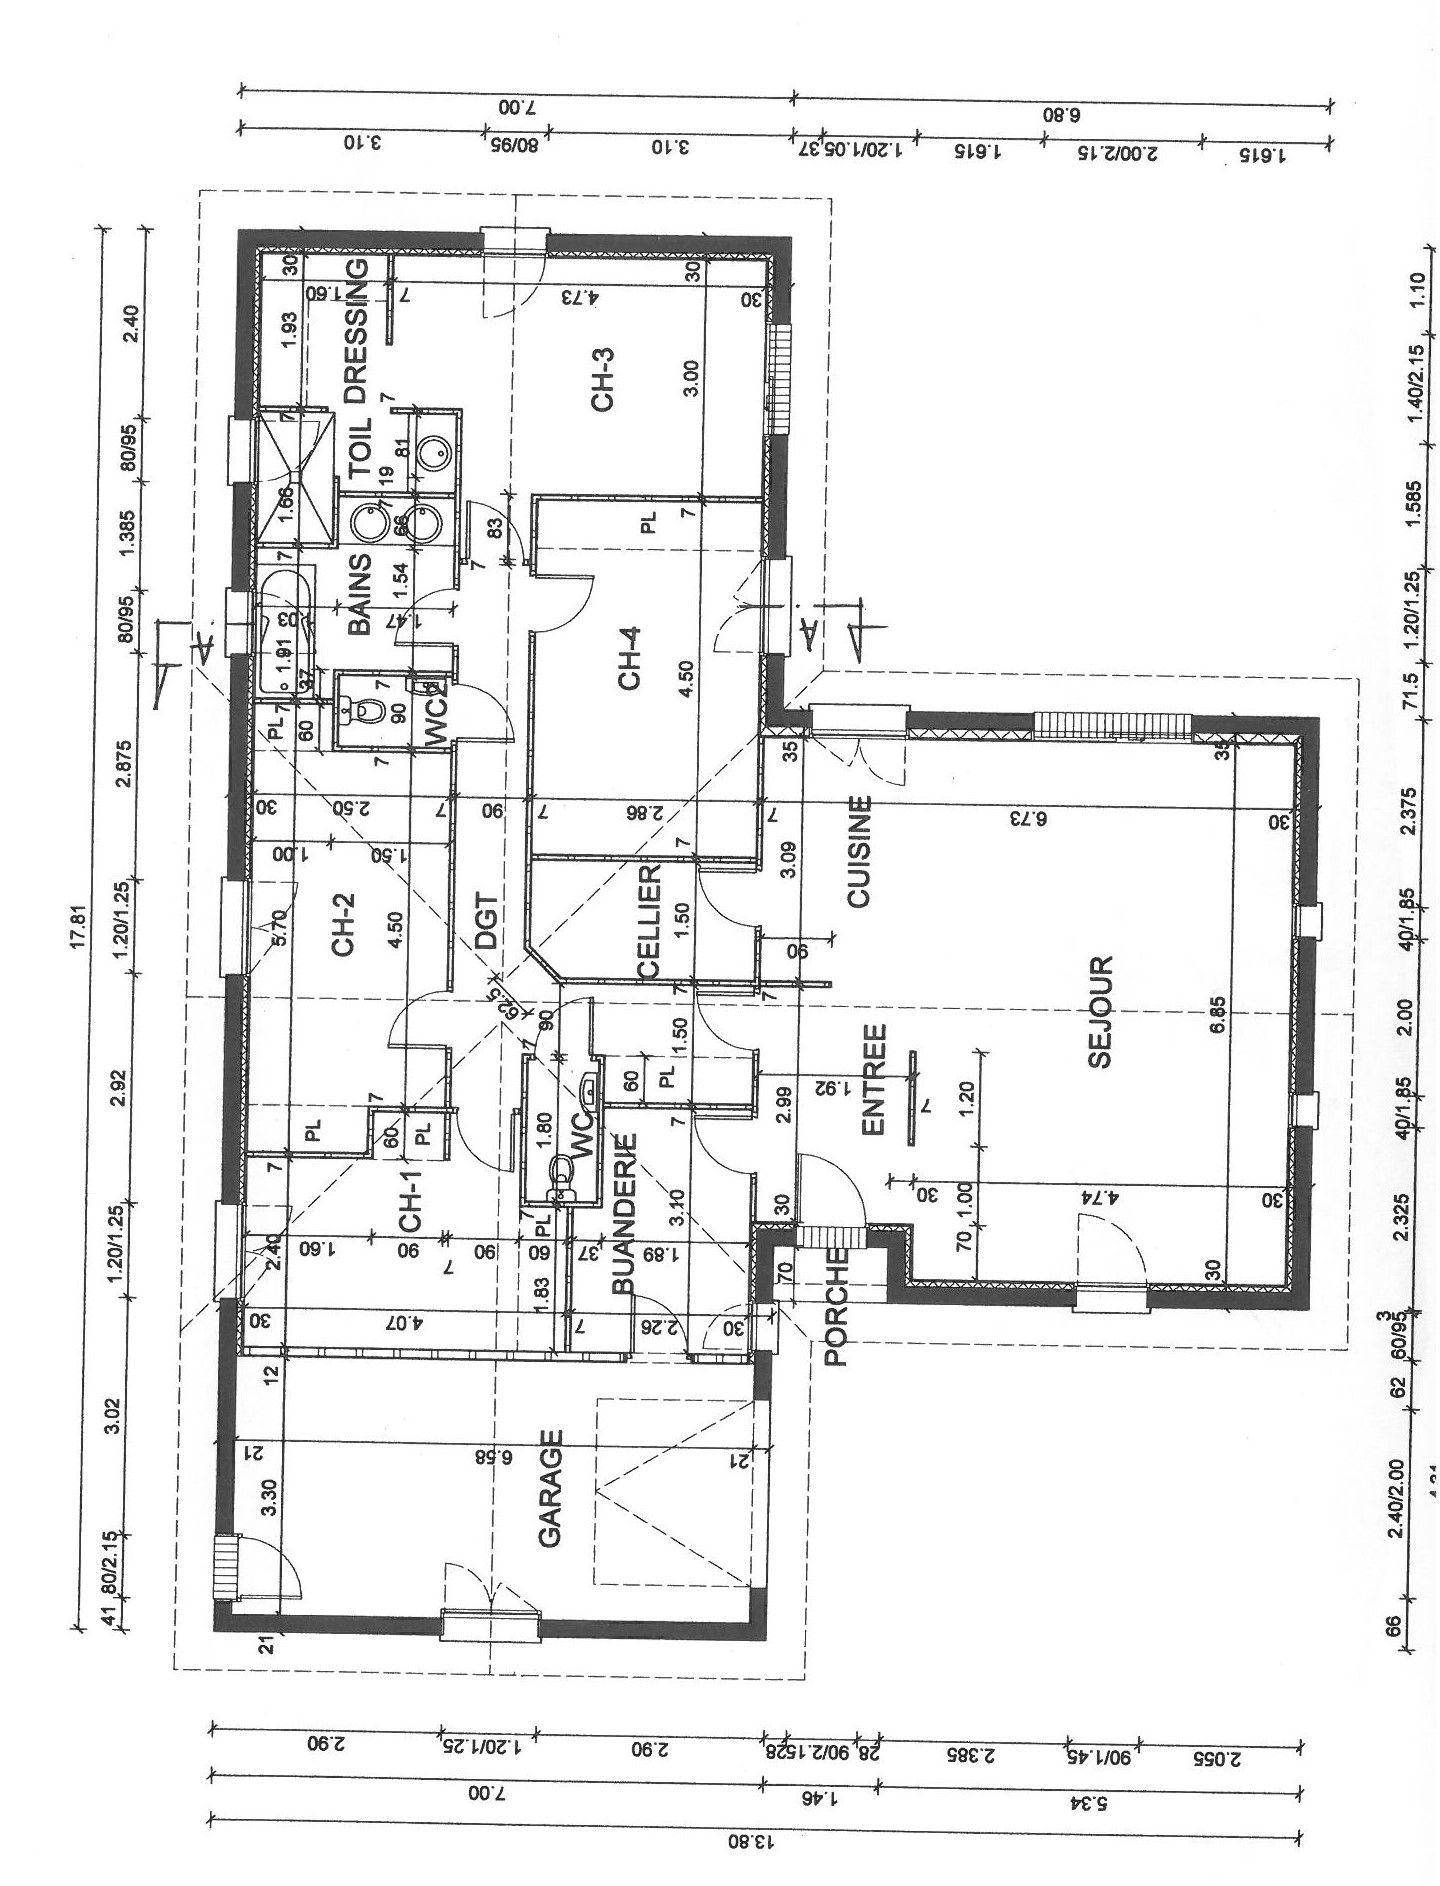 Maison Plain Pied En L 4 Chambres Avec Garage Attenant A Gujan Metras Sur Le Bassin D Arcachon Constructeur De Maison Individuelle Bassin D Arcachon Les Mas D Arguin